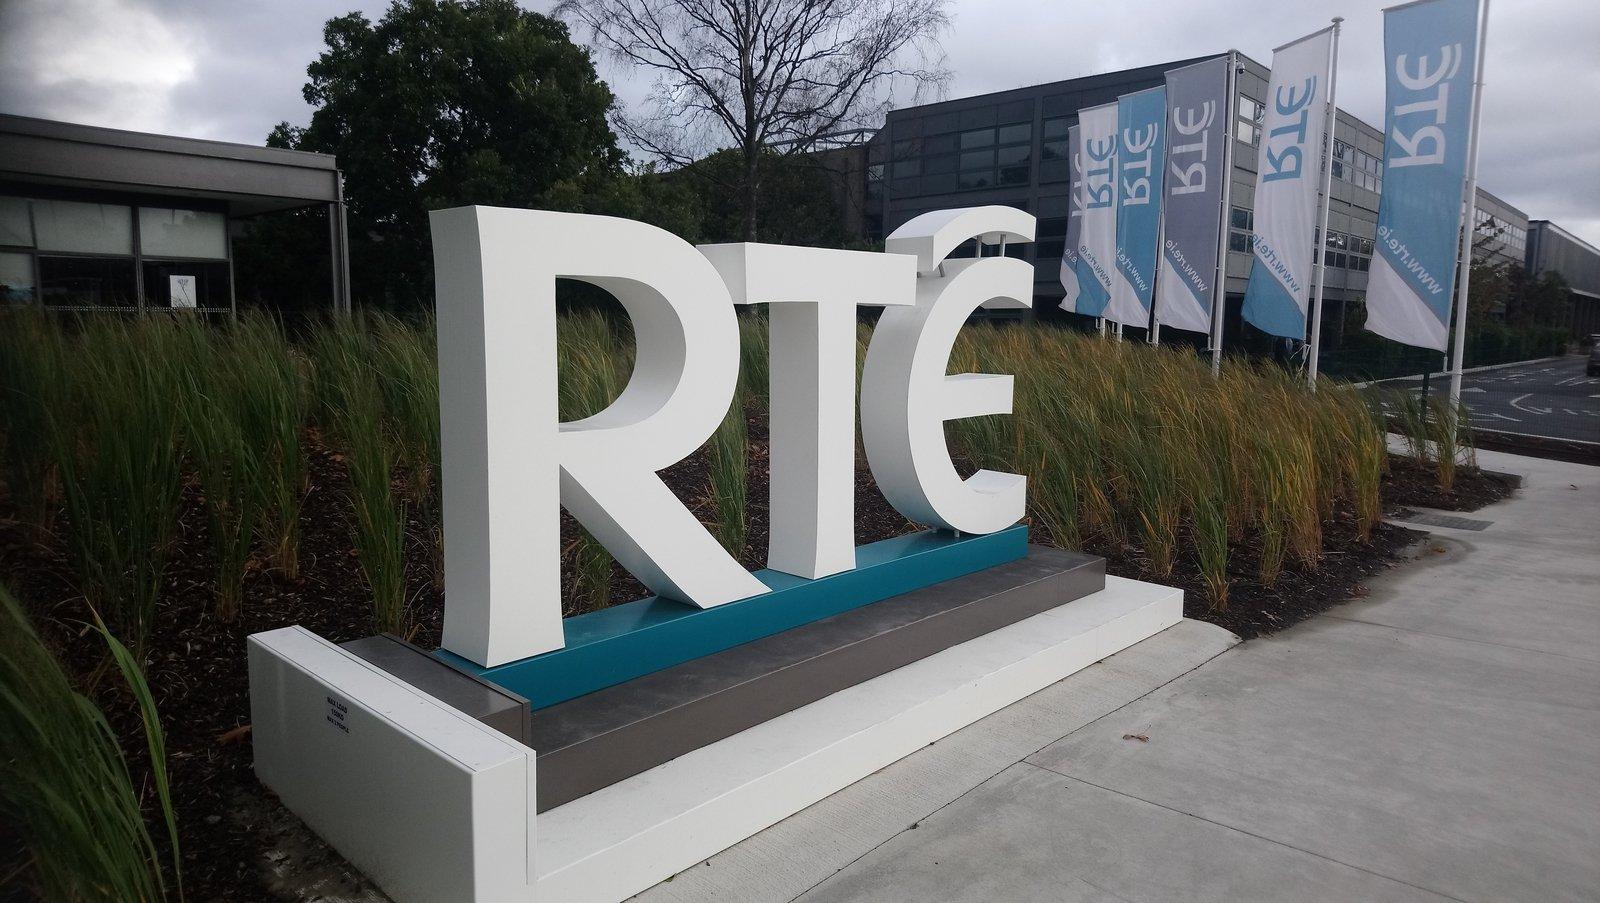 www.rte.ie